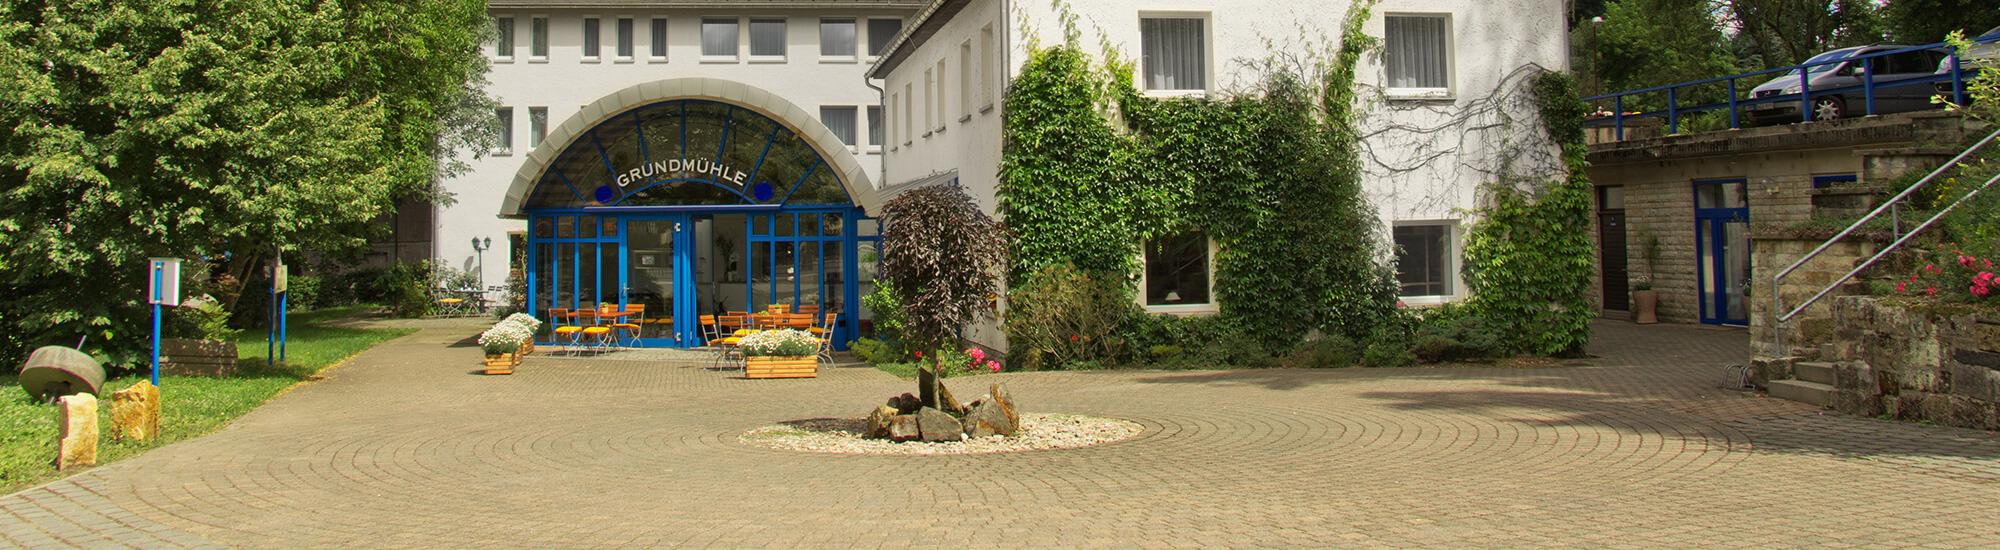 Hotel Grundmühle Außenansicht